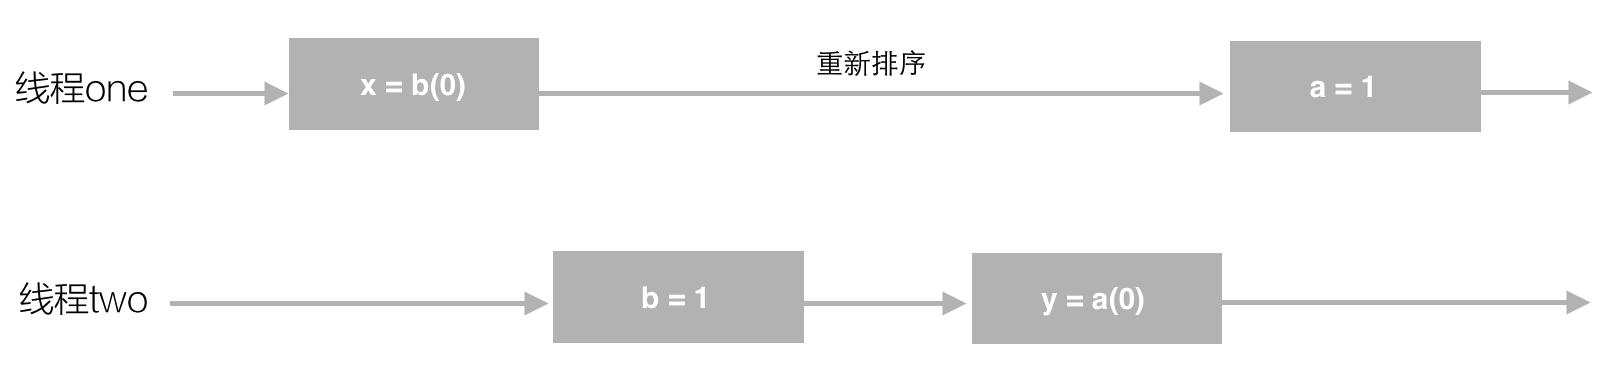 重排序图解